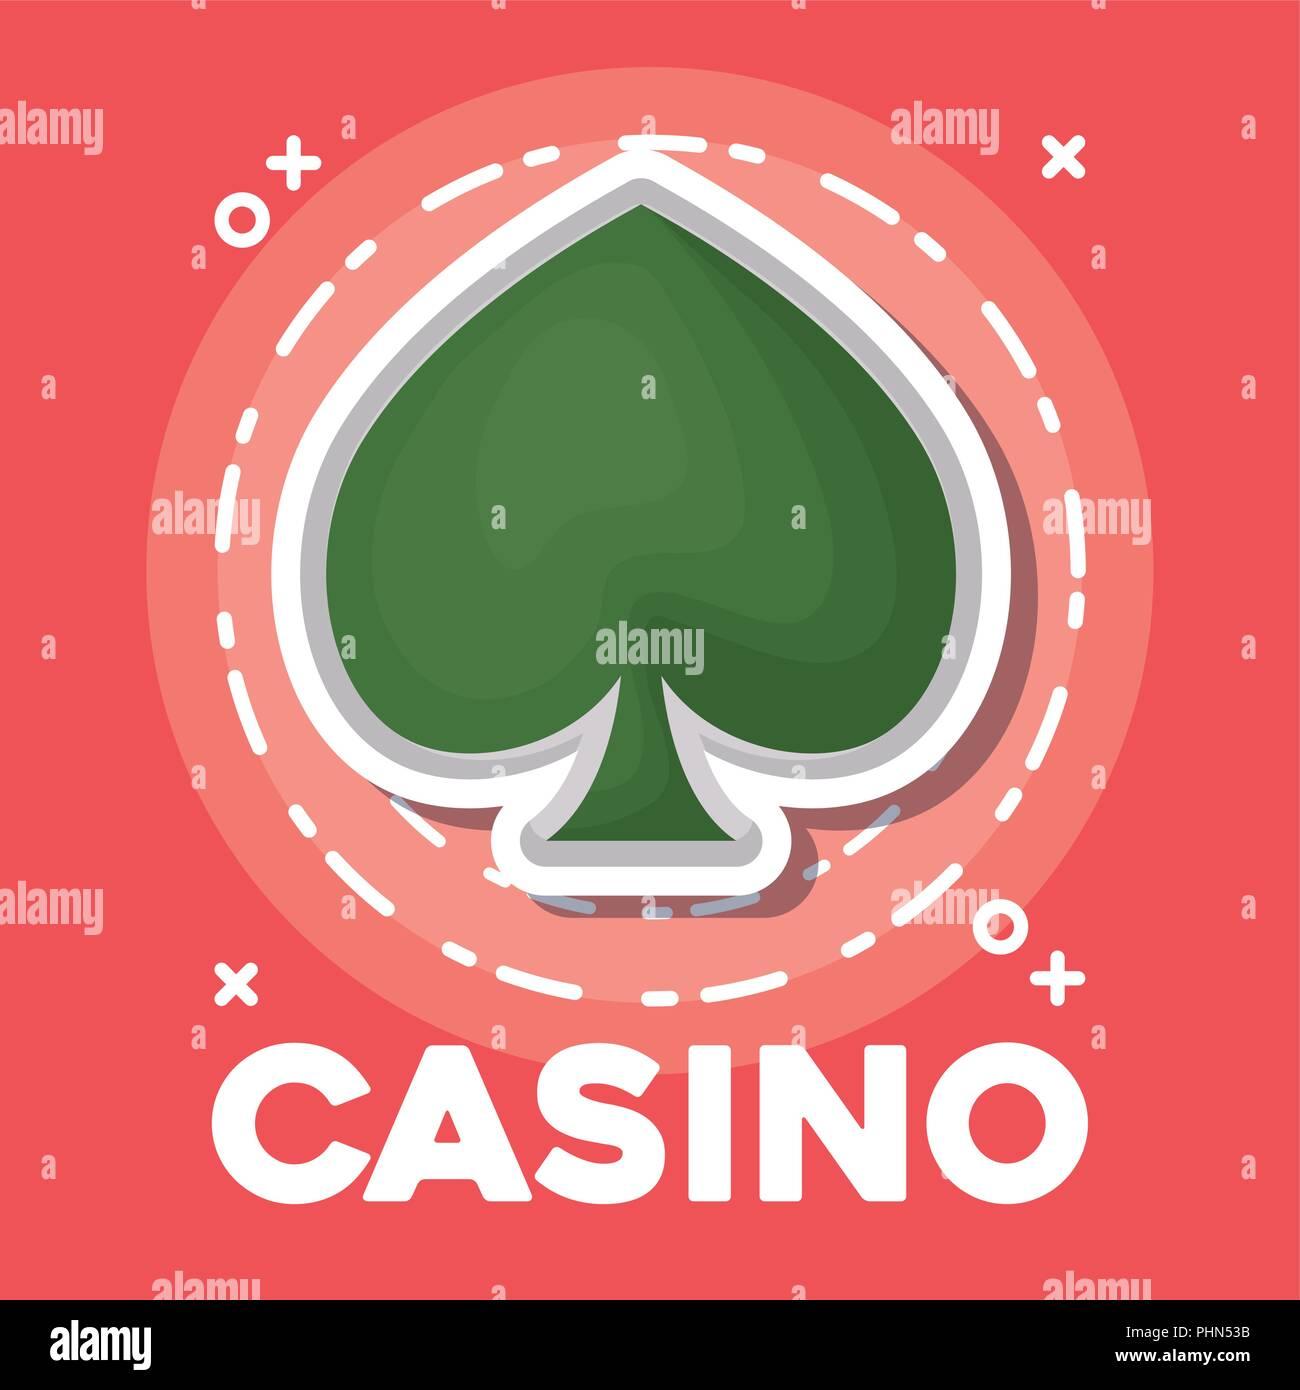 Design de casino avec spade icône sur fond rouge, design coloré. vector illustration Photo Stock